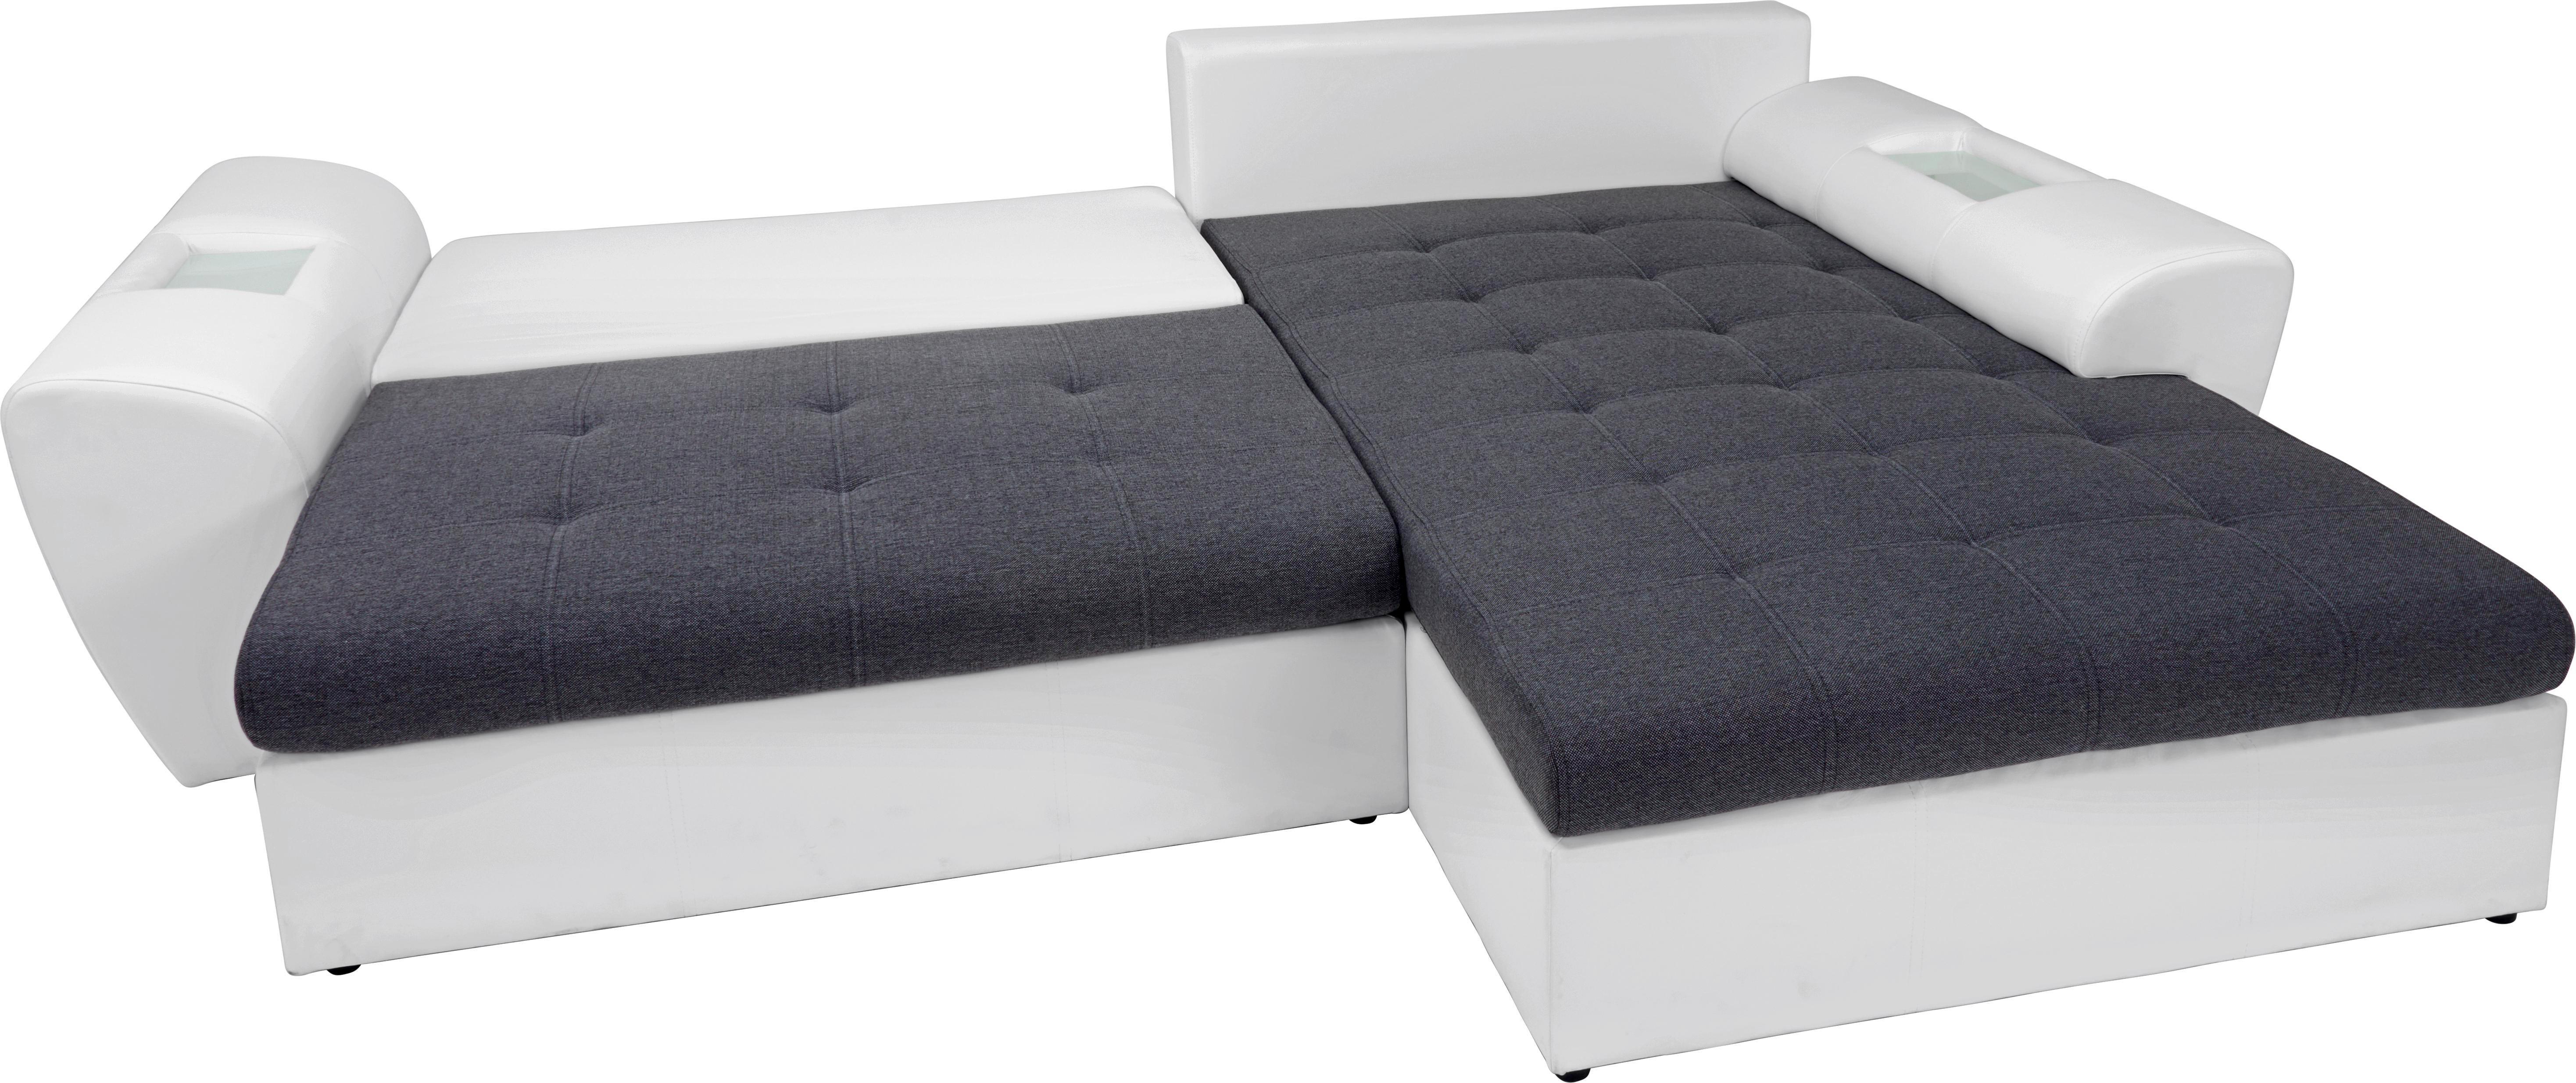 ECKSOFA Lederlook, Webstoff Ablage, Rückenkissen, Schlaffunktion - Anthrazit/Schwarz, Design, Kunststoff/Textil (204/290cm) - CARRYHOME